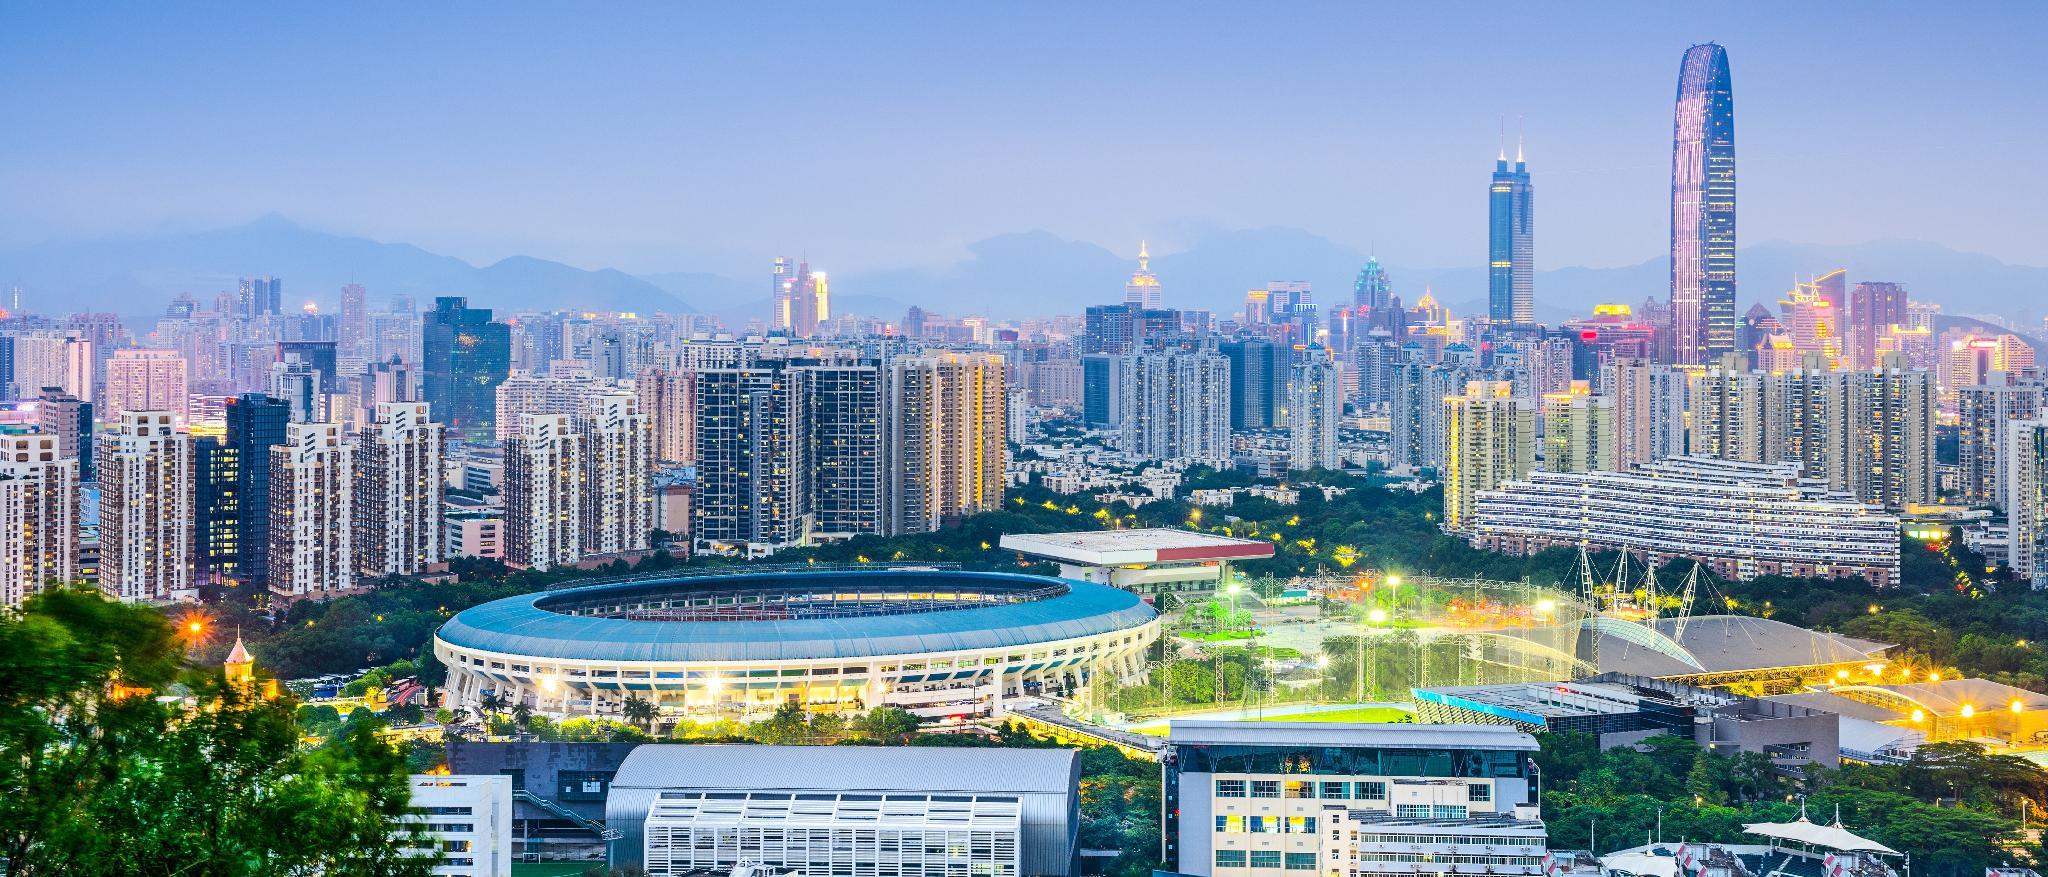 在中國,隨時隨地出發, 深圳 的酒店訂房選擇共1641家